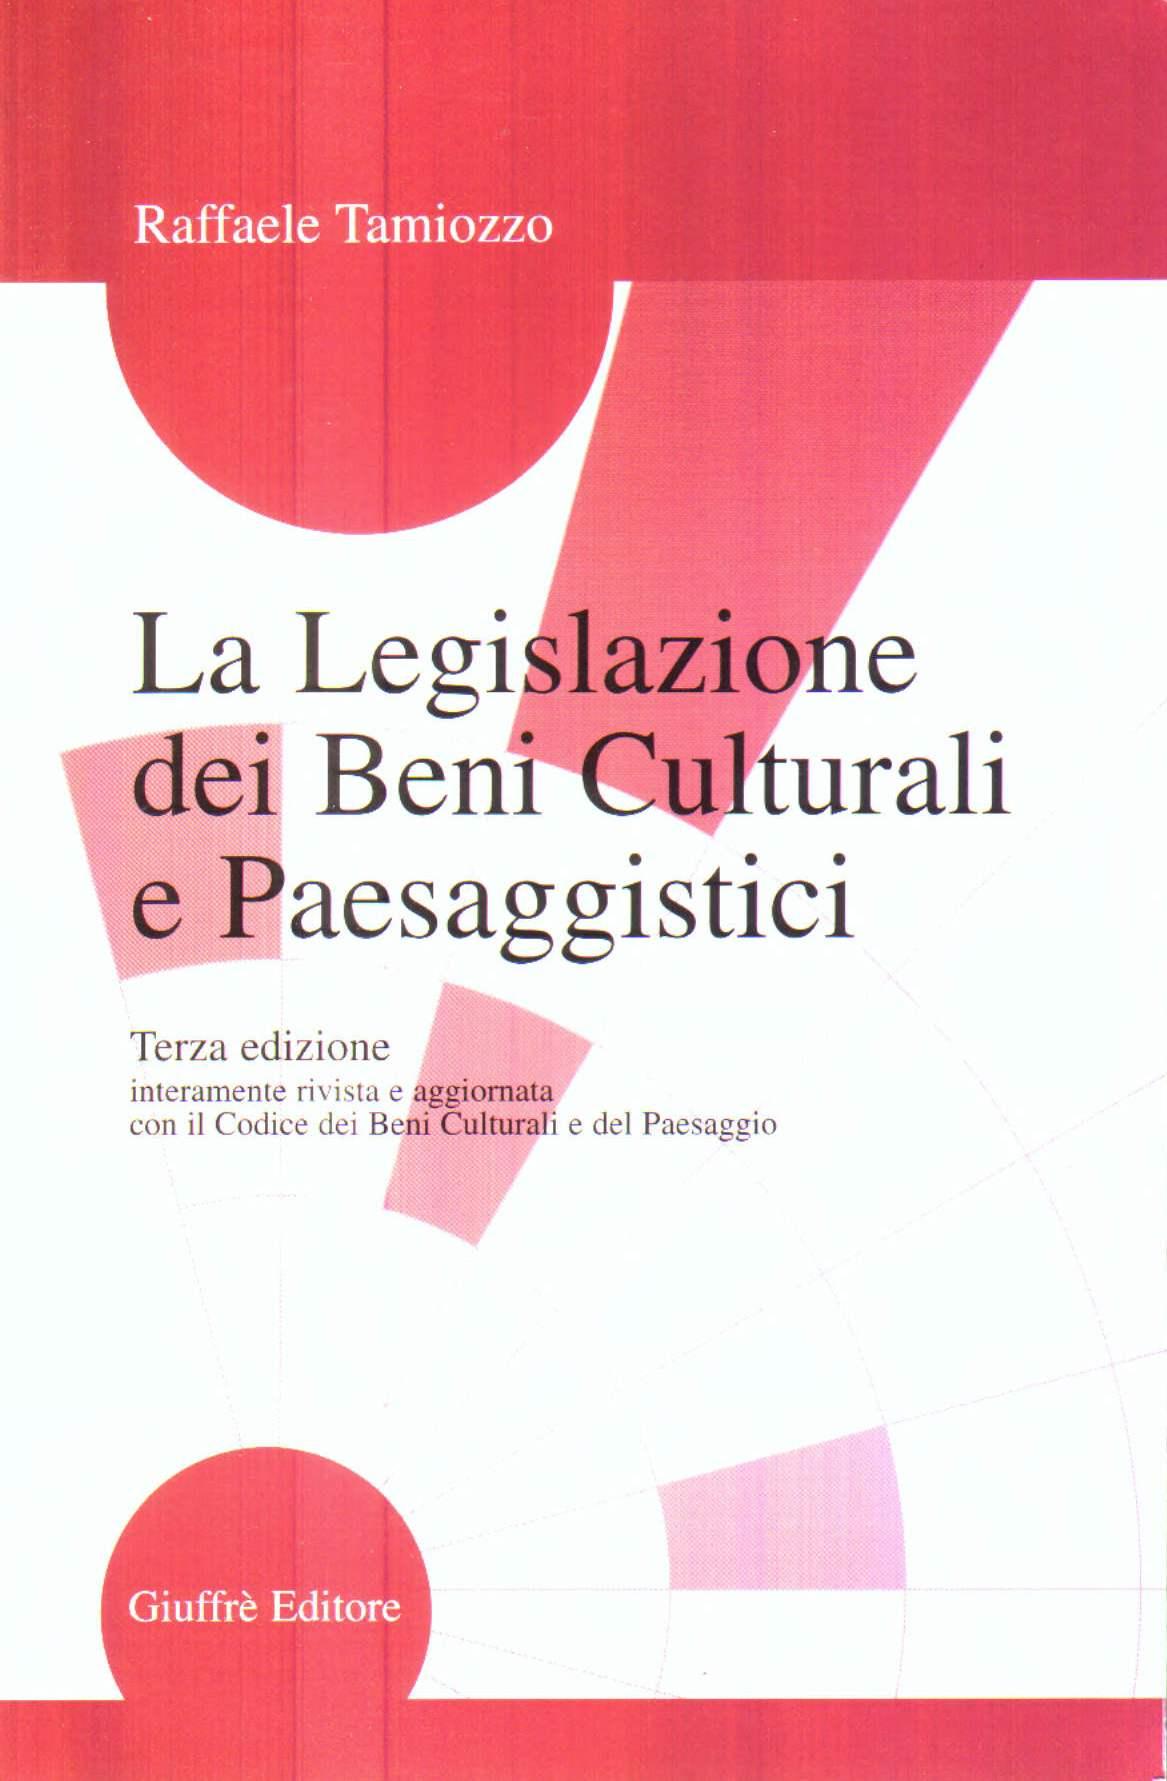 La legislazione dei beni culturali e paesaggistici